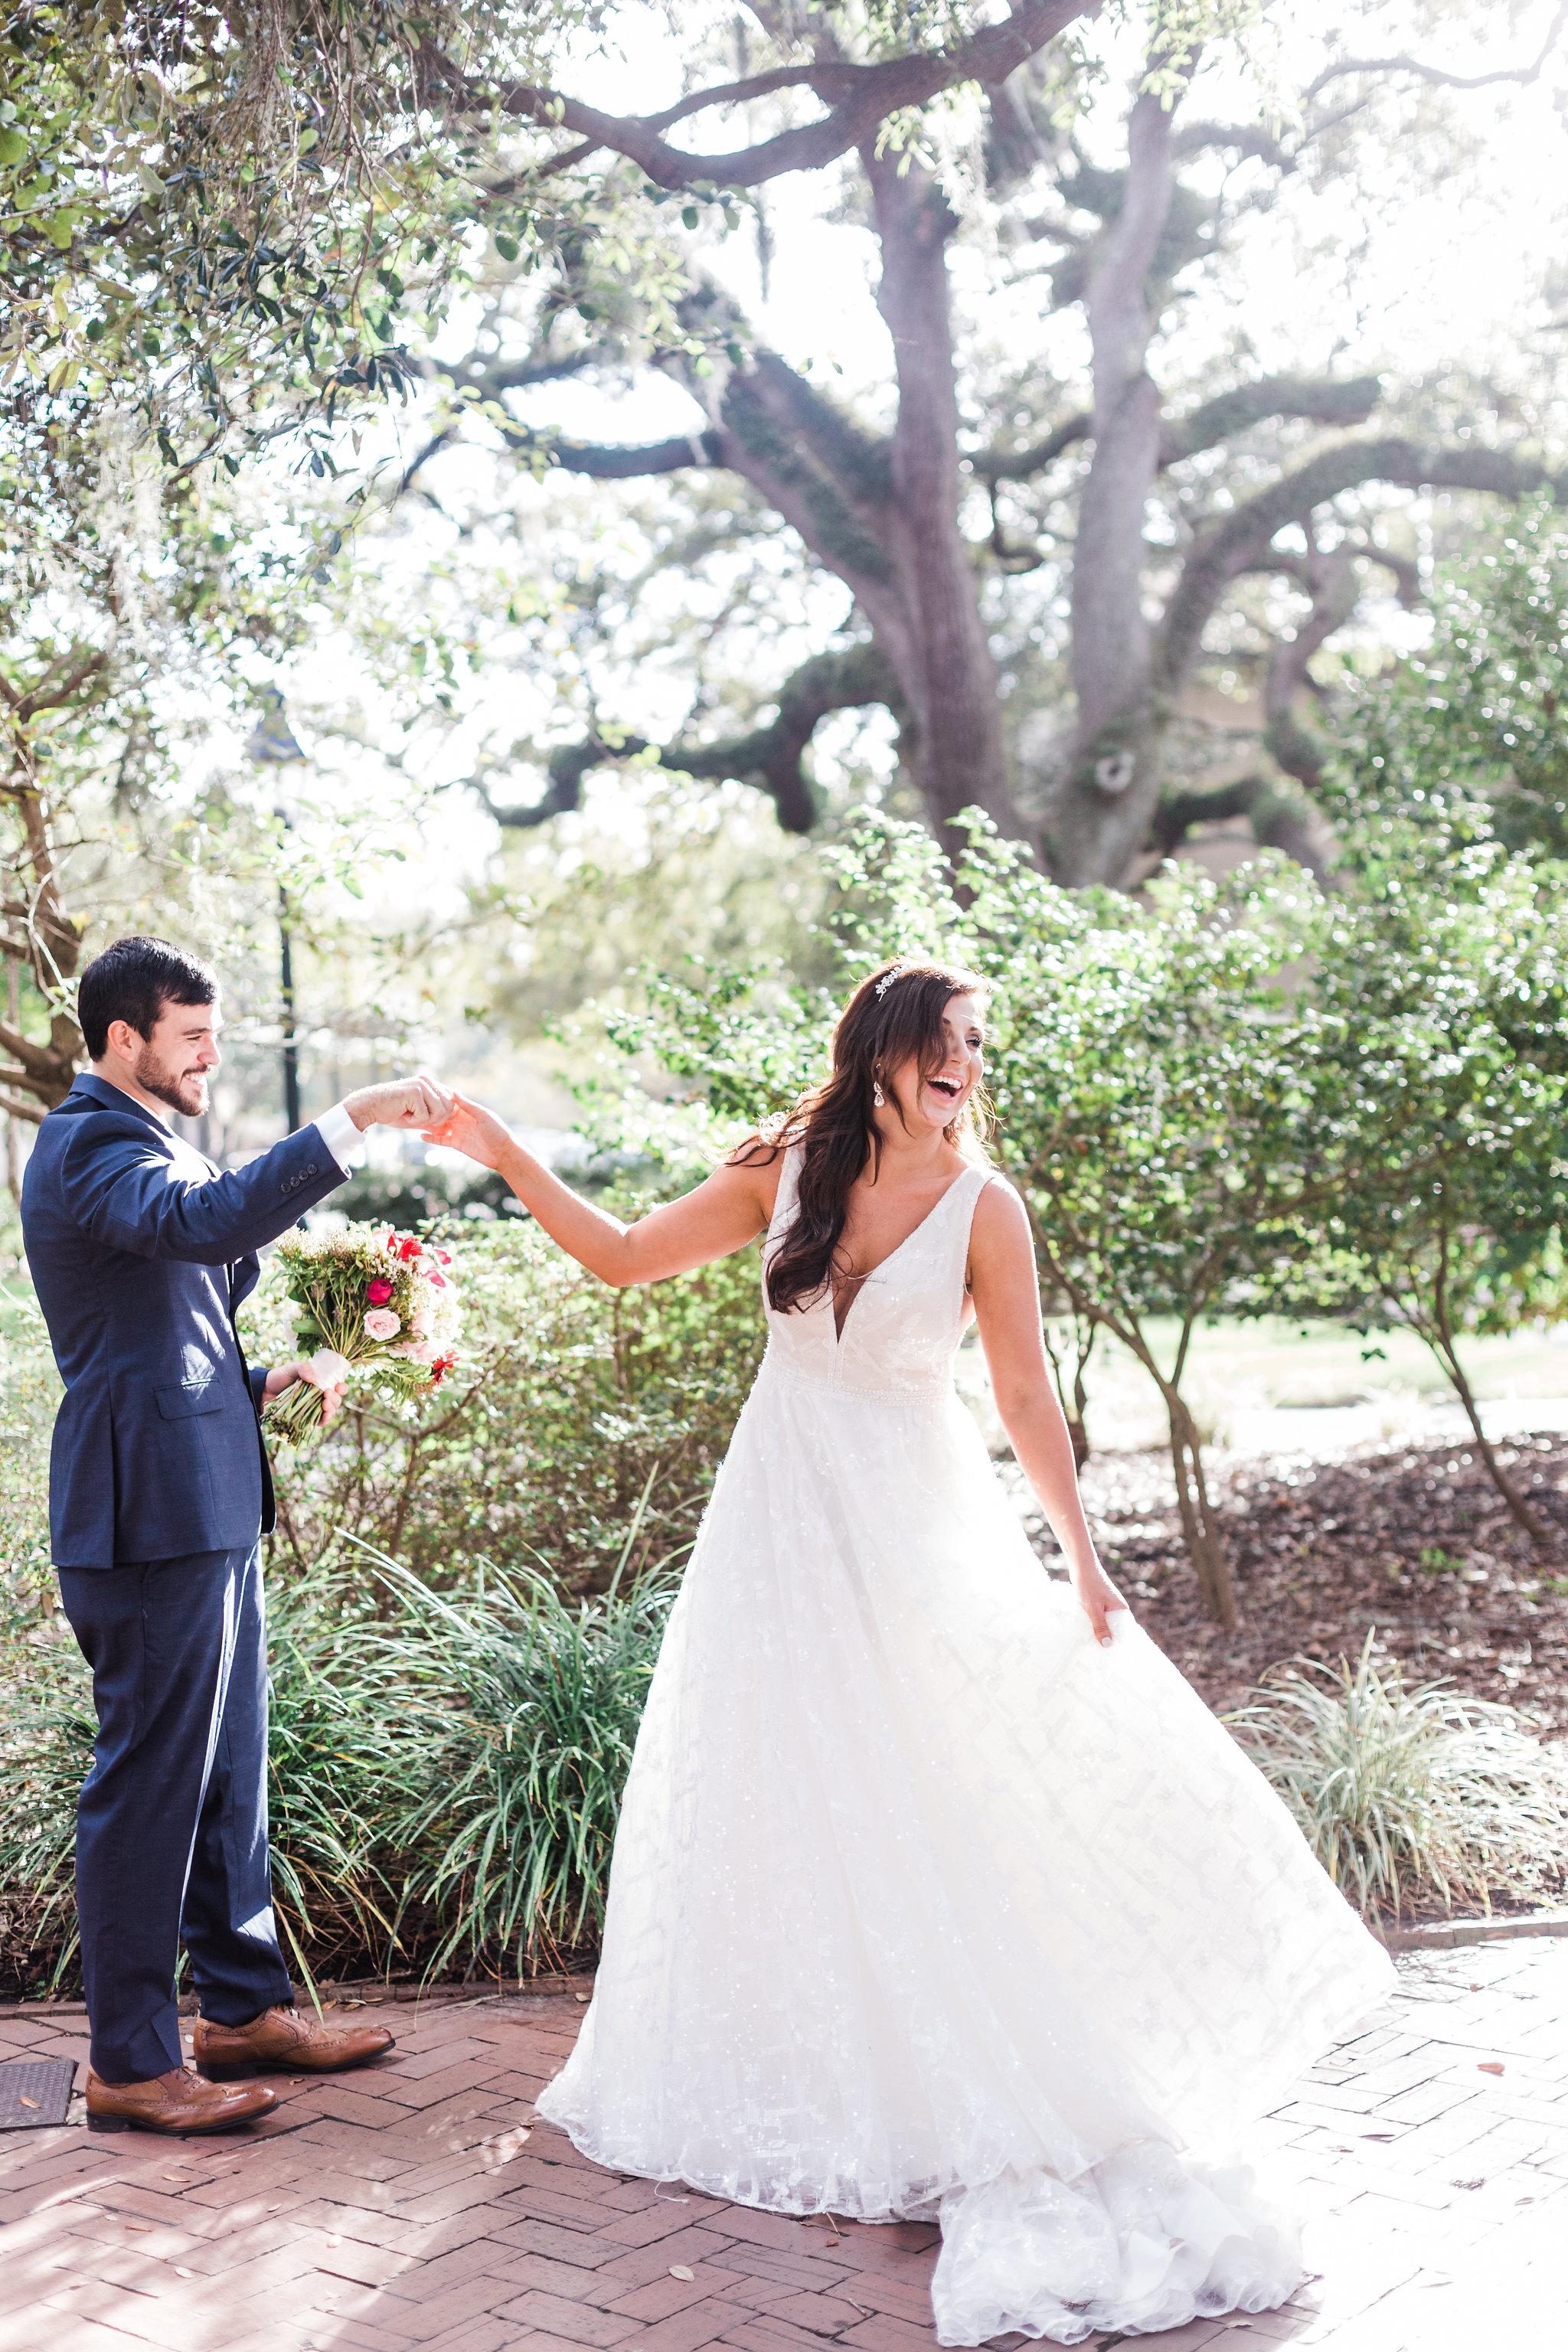 apt-b-photography-lindsey-shawn-Savannah-wedding-photographer-savannah-elopement-photographer-historic-savannah-elopement-savannah-weddings-hilton-head-wedding-photographer-jekyll-island-wedding-photographer-33.jpg